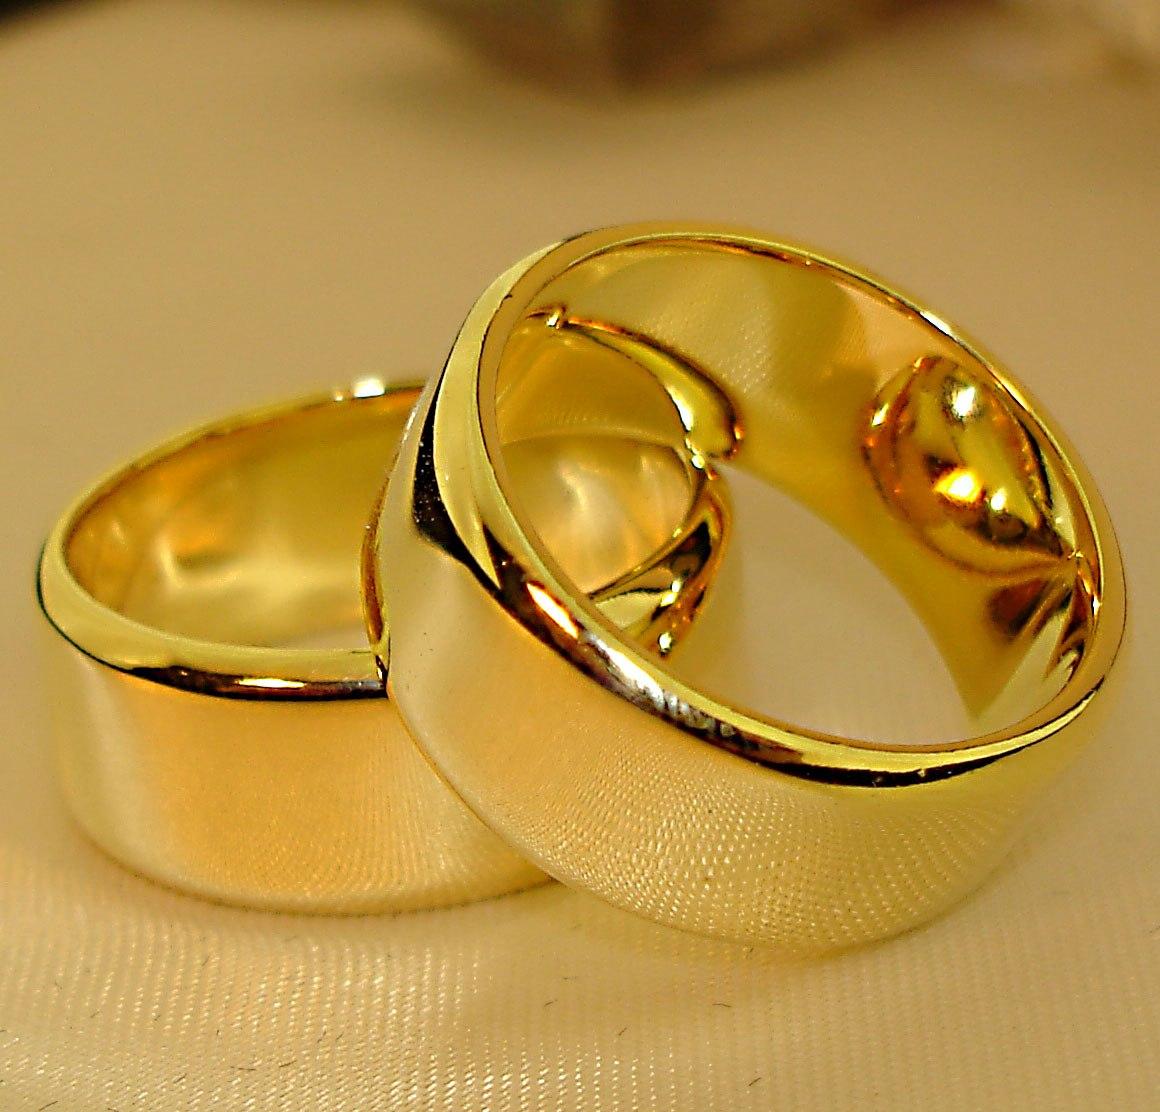 ... Ouro 18k BELOVED Allianze Alianças de Casamento Quadrada Rei das  Aliancas - alianças de casamento quadradas bc2ac79b3d